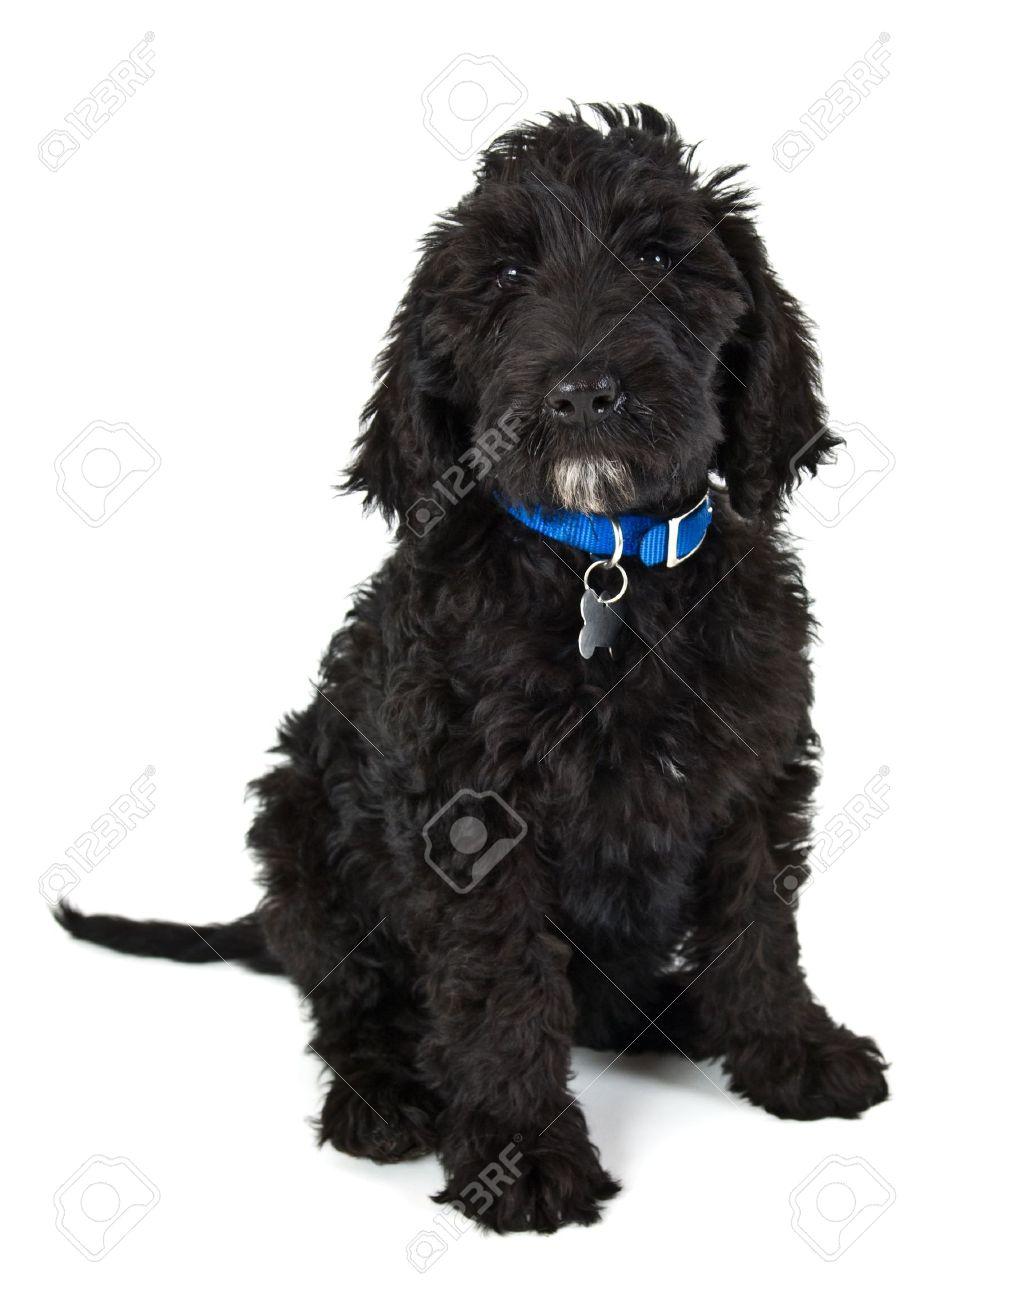 black Labradoodle puppy dog